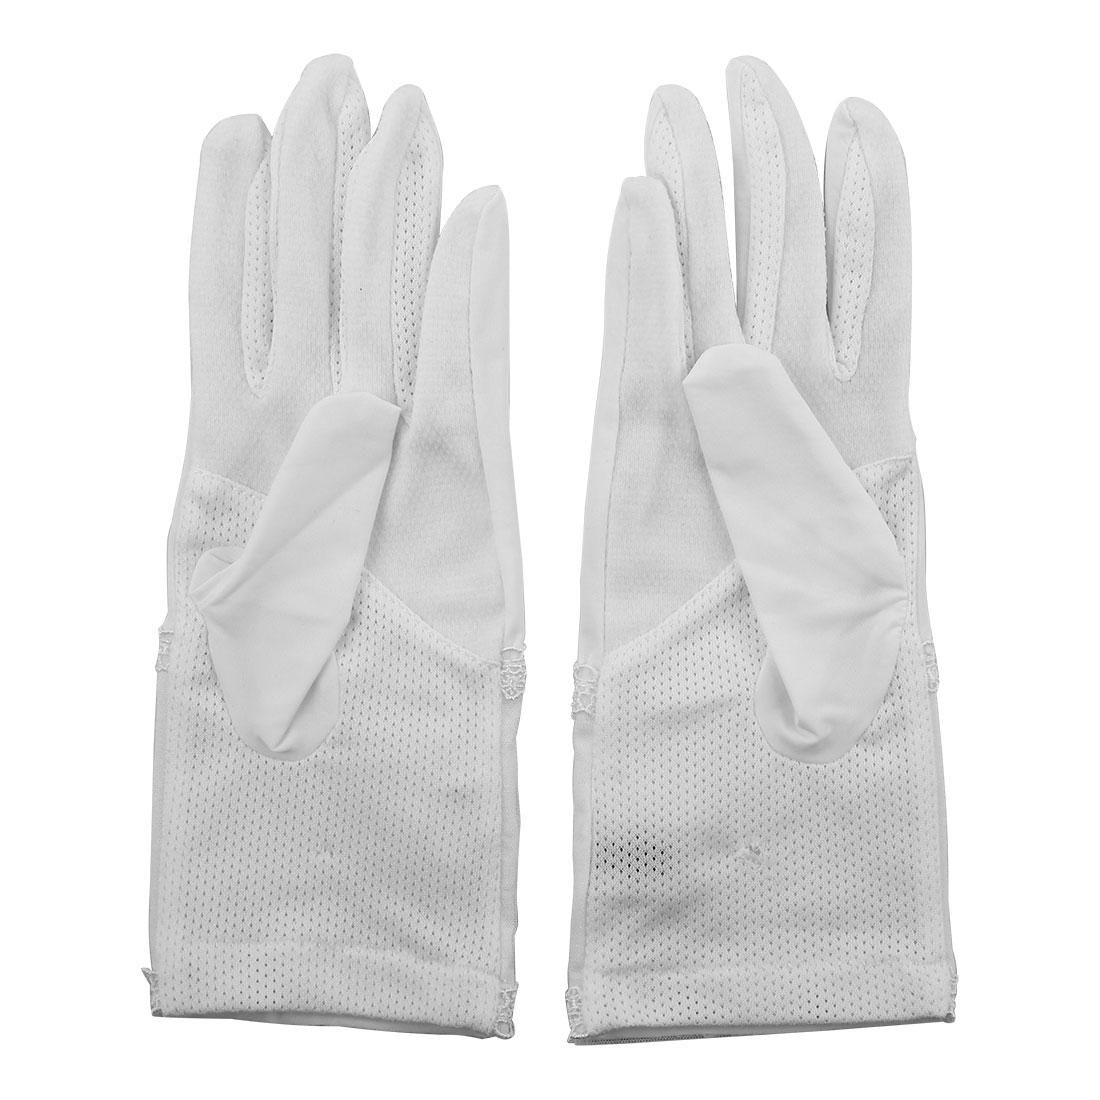 Outdoor Travel Driving Flower Imitation Pearl Decor Full Finger Non-slip Sun Resistant Gloves White Pair for Ladies